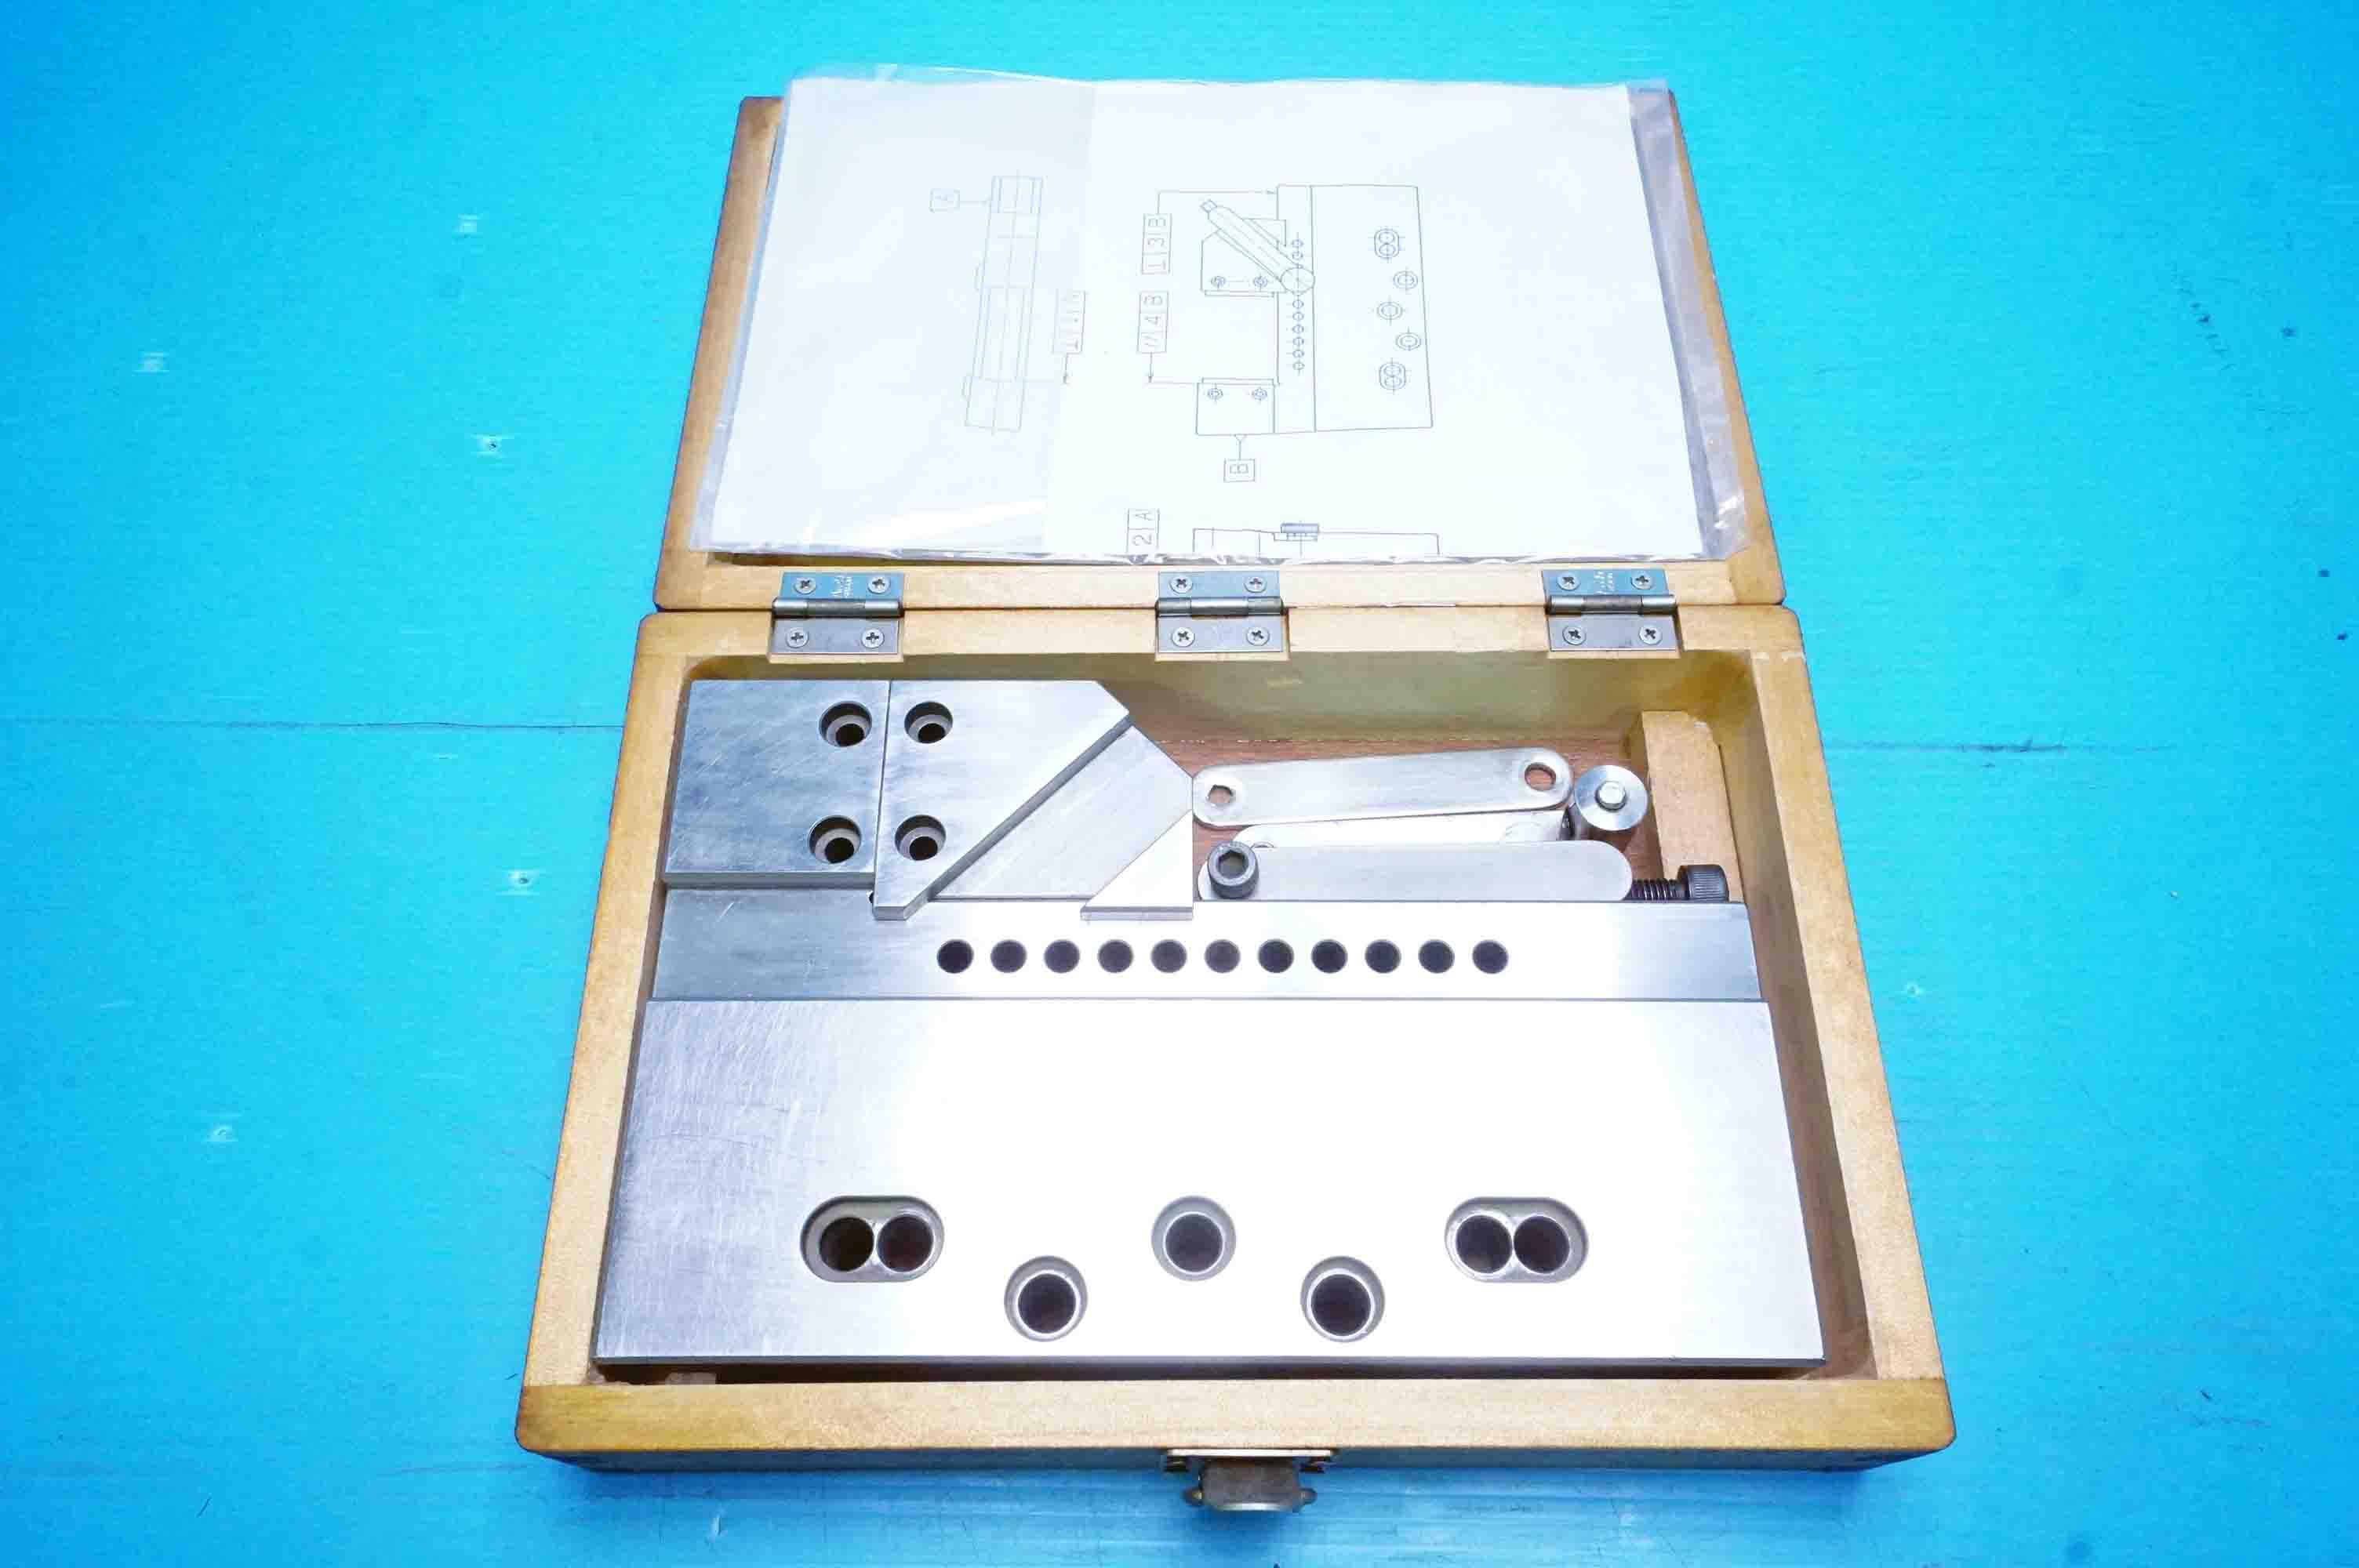 ワイヤーカットバイス NEOTEC(890221KIY-116)の画像